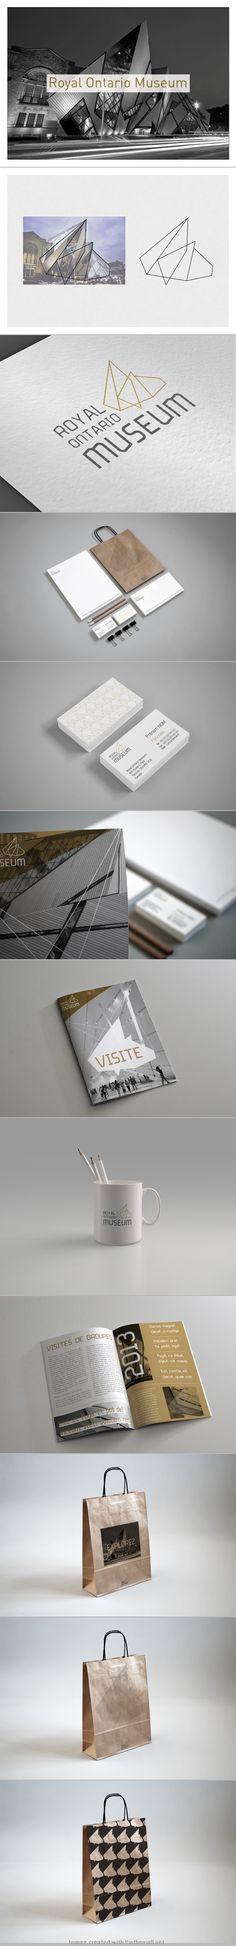 J'aime idée de prendre la forme du bâtiment pour une marque caracterisée par ses locaux